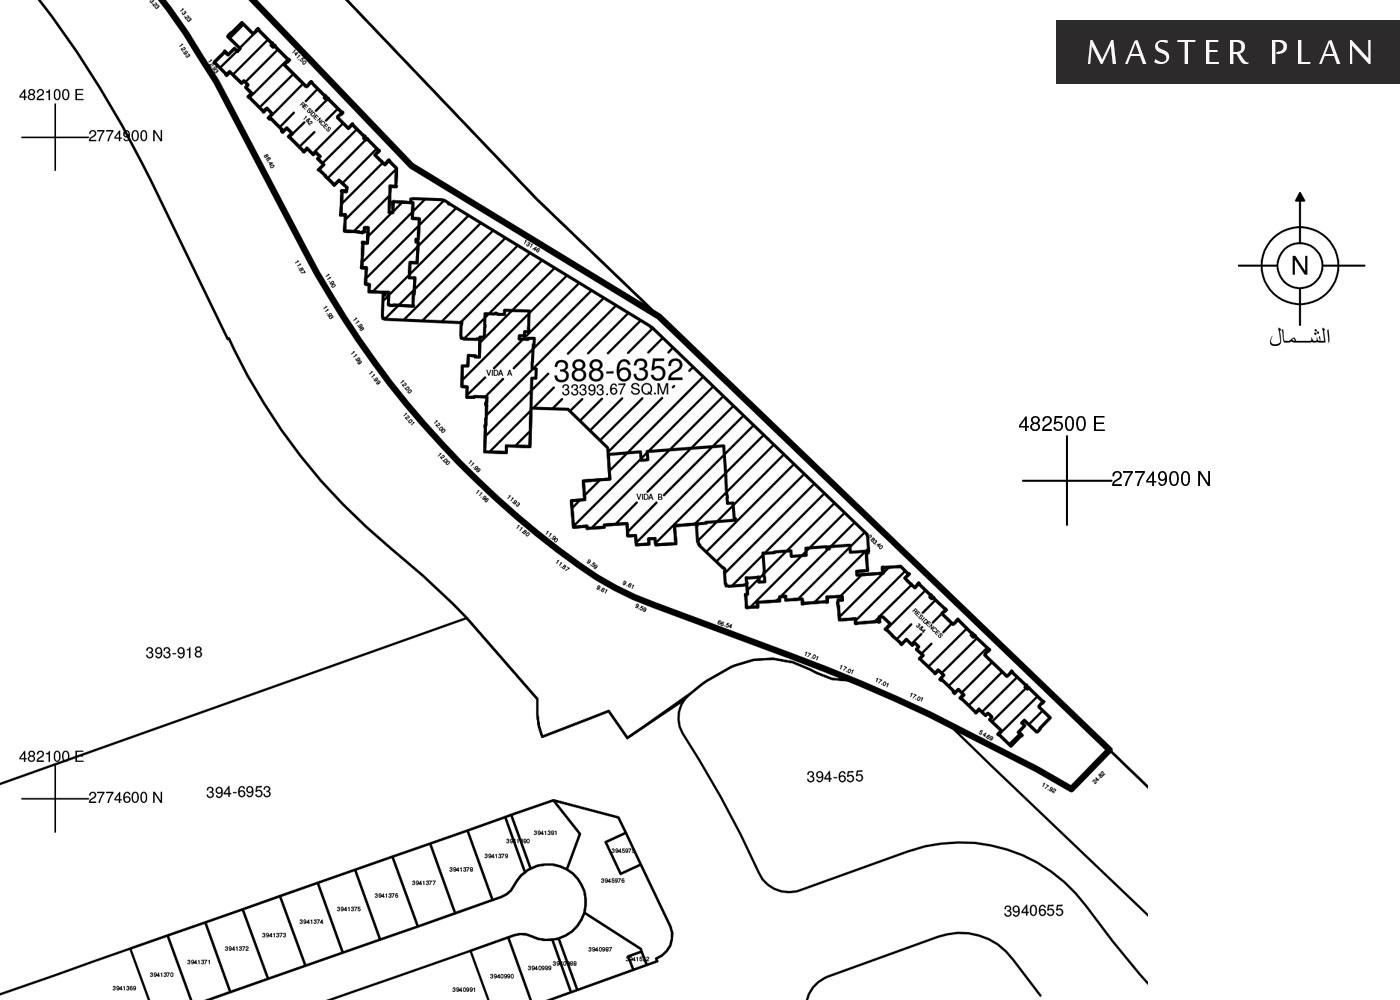 فيدا-ريزيدنسز-ذا-هيلز  المخطط الرئيسي